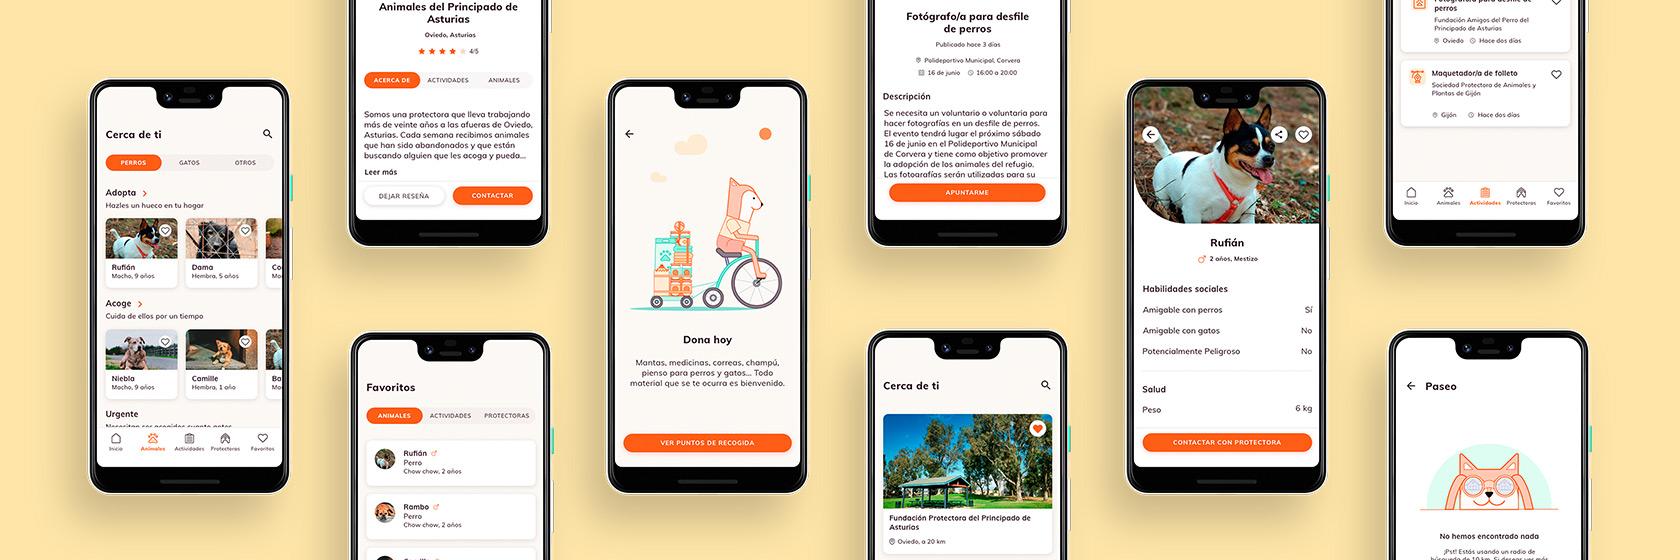 """Pantallas de la App para móvil """"Doolittle"""" / Diseño de Andrés González Menéndez"""